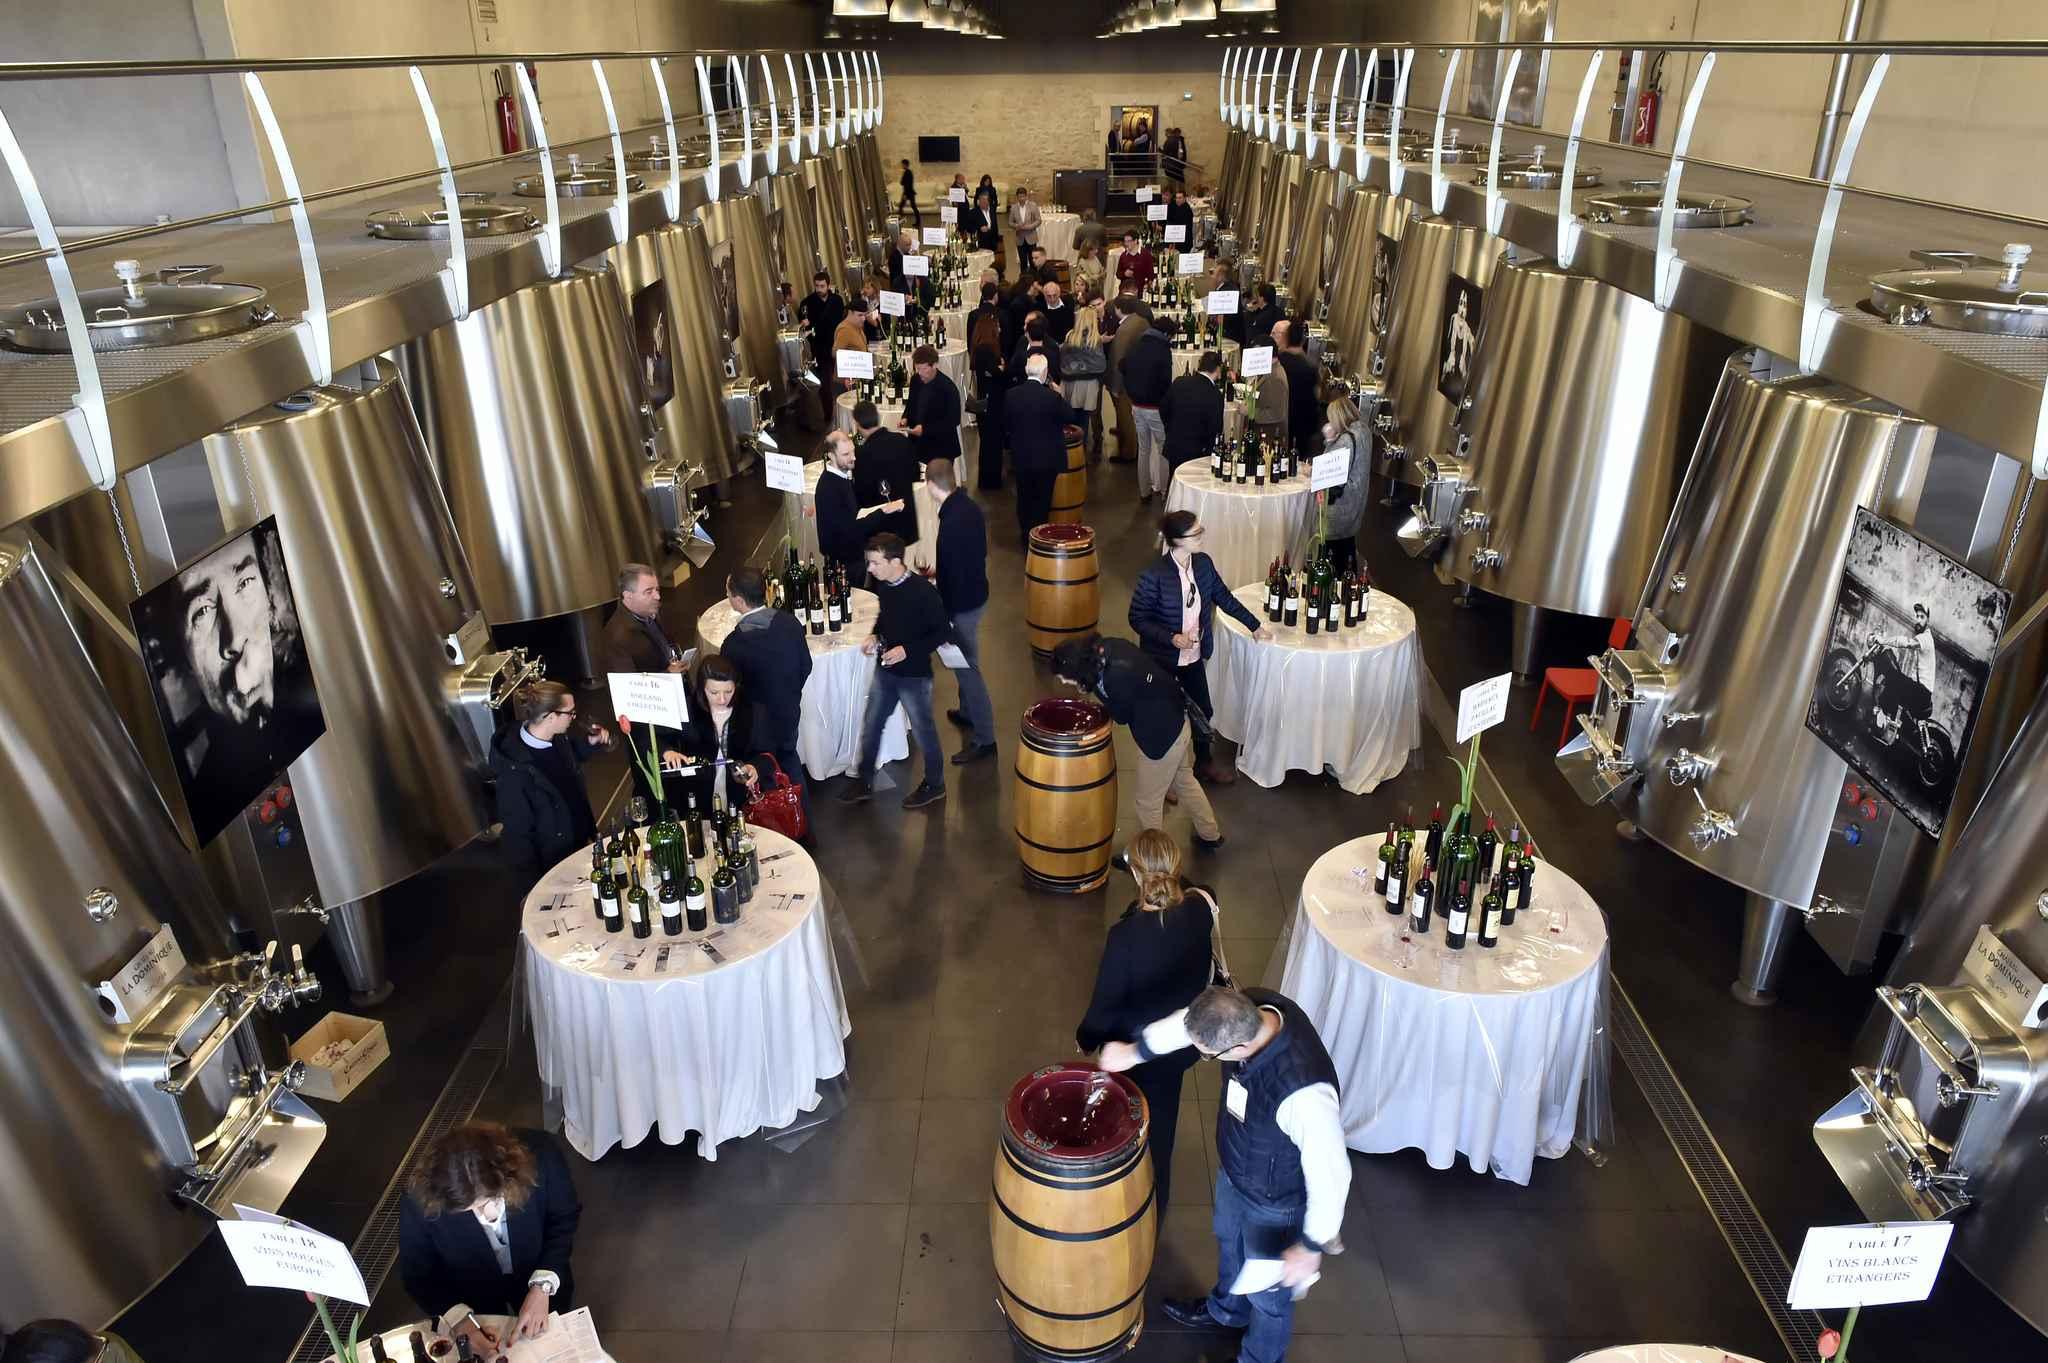 Le vin primeur peut être une bonne source de revenus